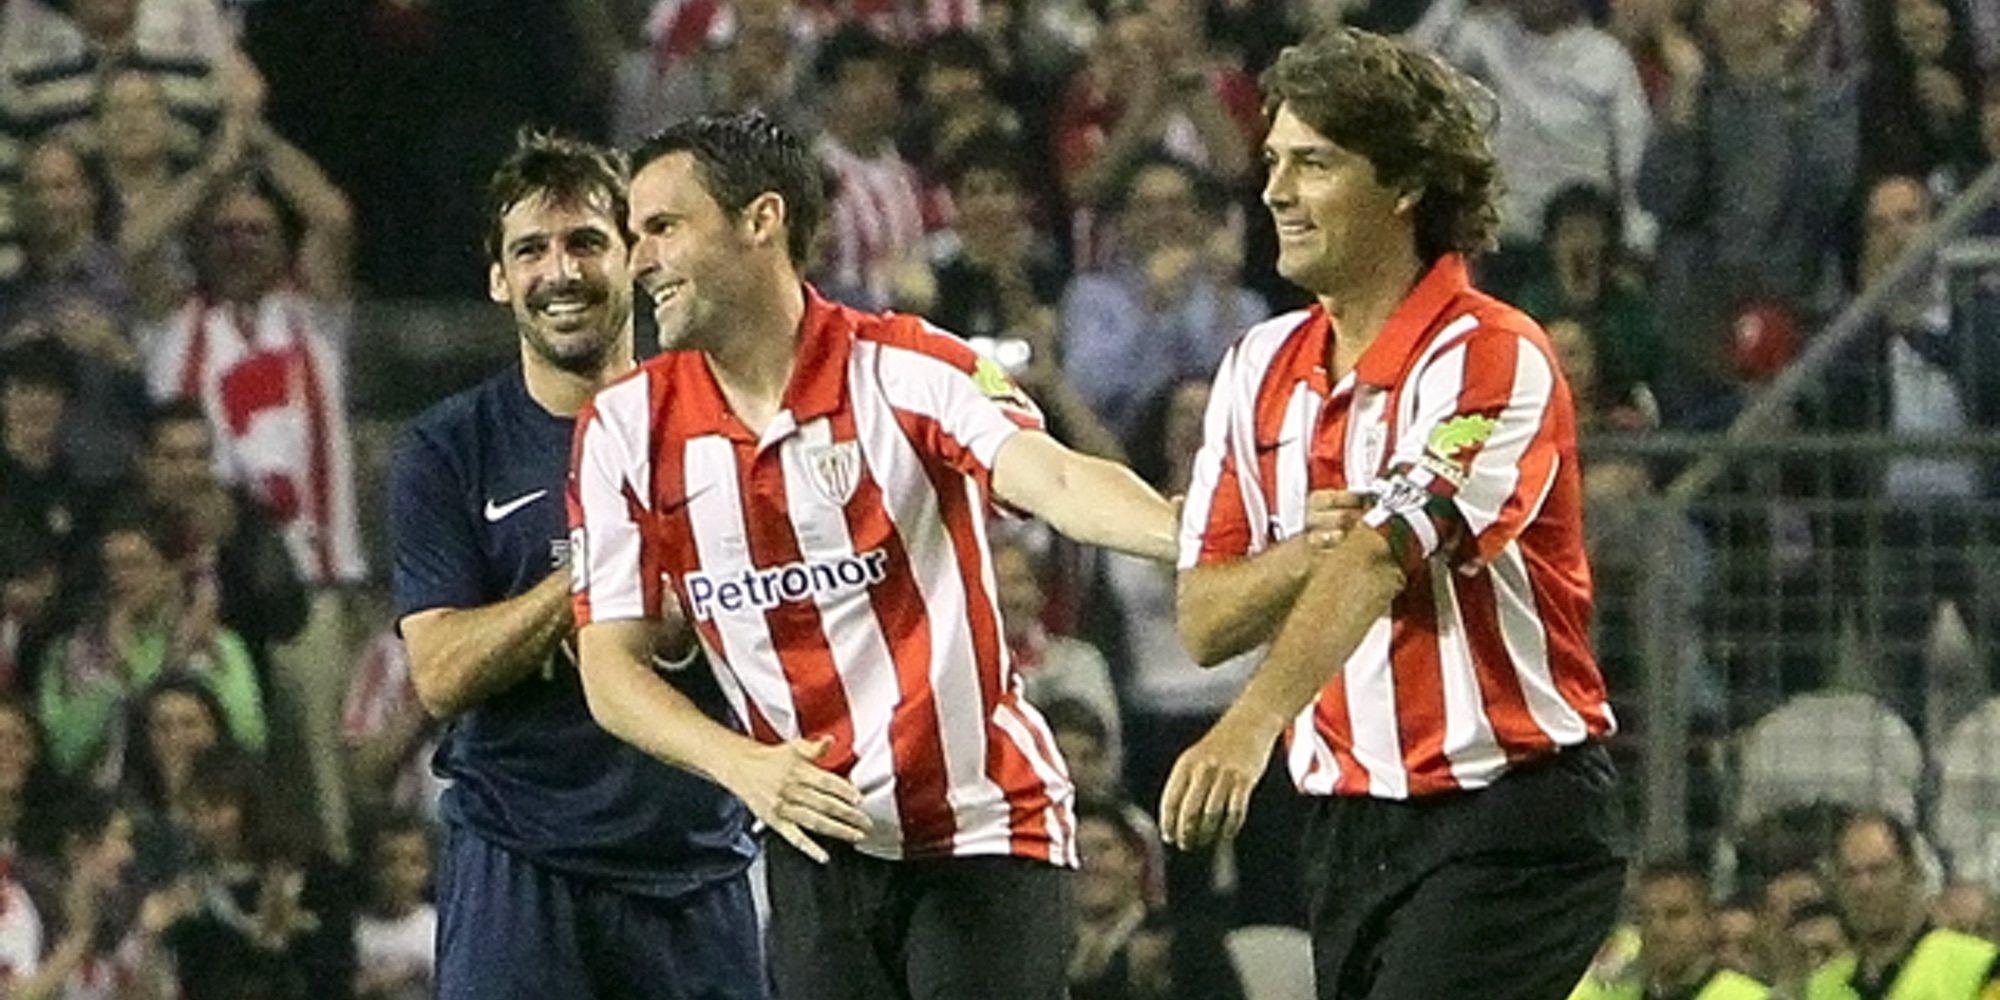 Qué fue de... Julen Guererro, exfutbolista y mito del Athletic de Bilbao